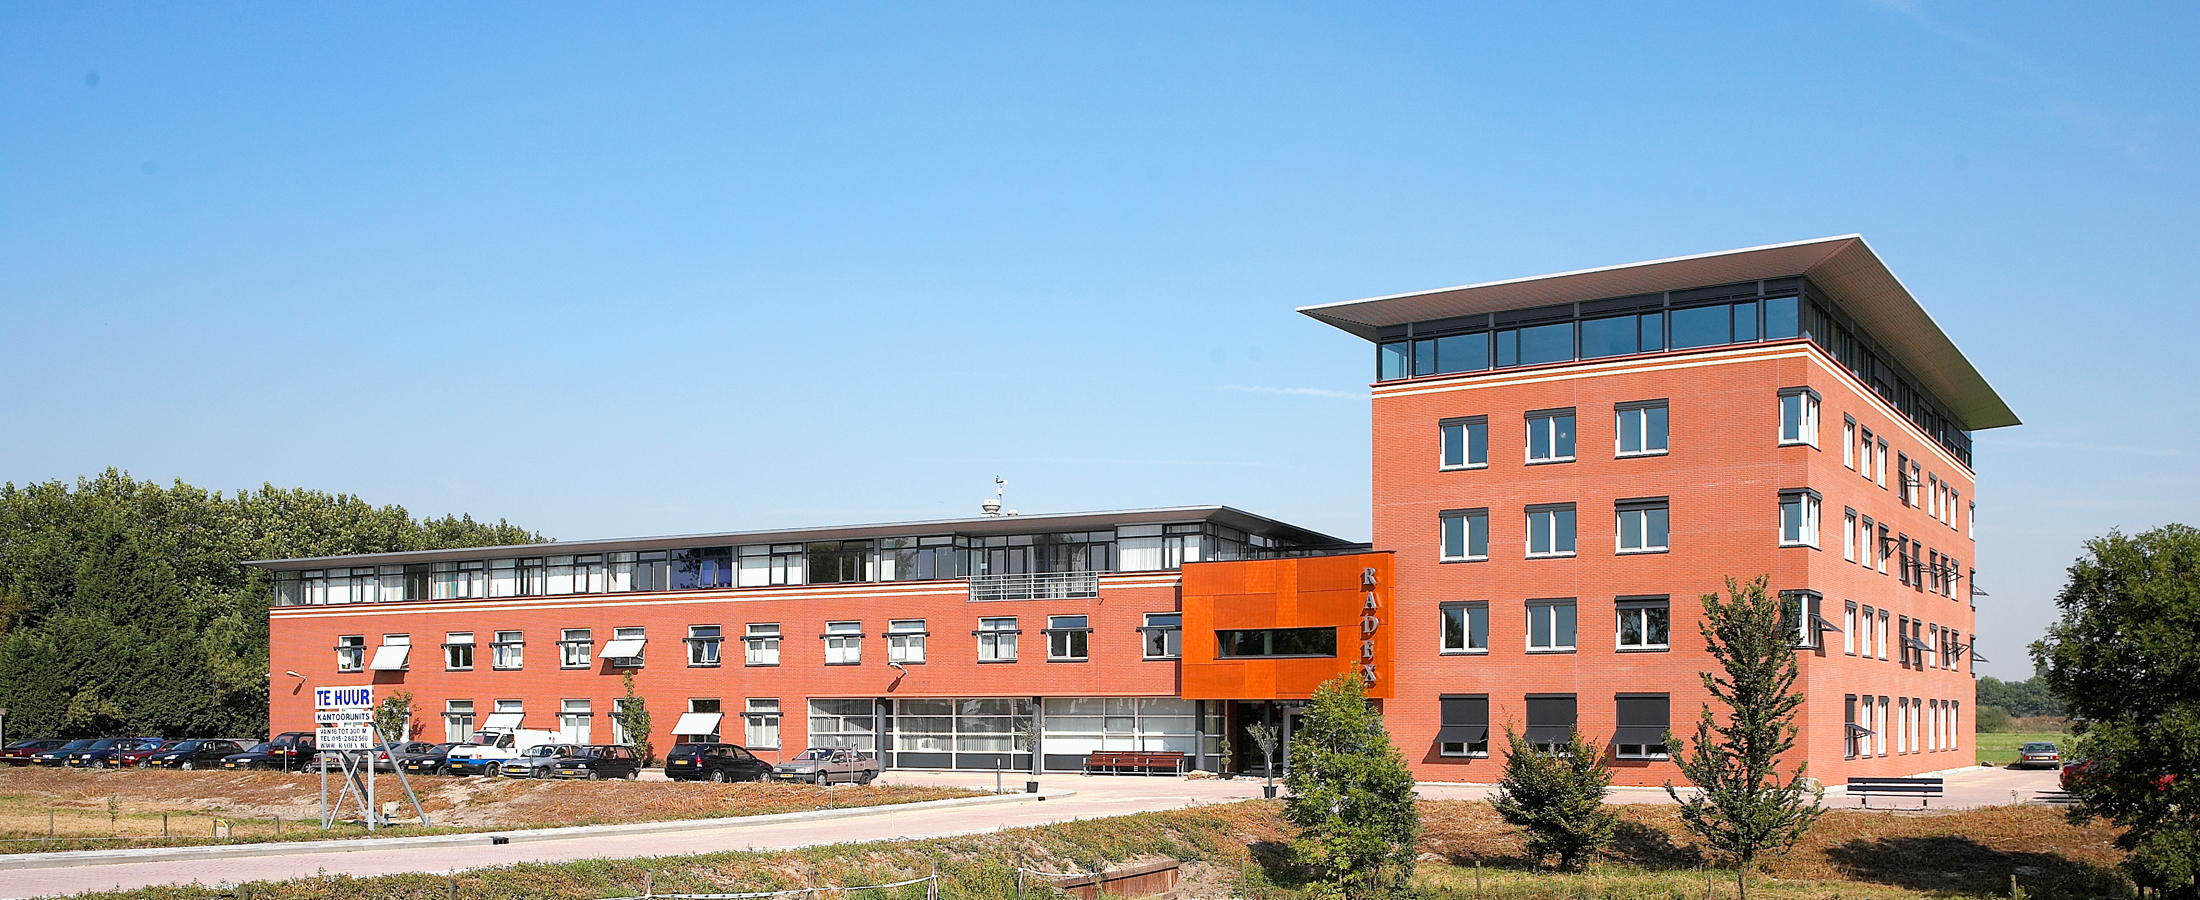 Radex Innovation Centre, Delft